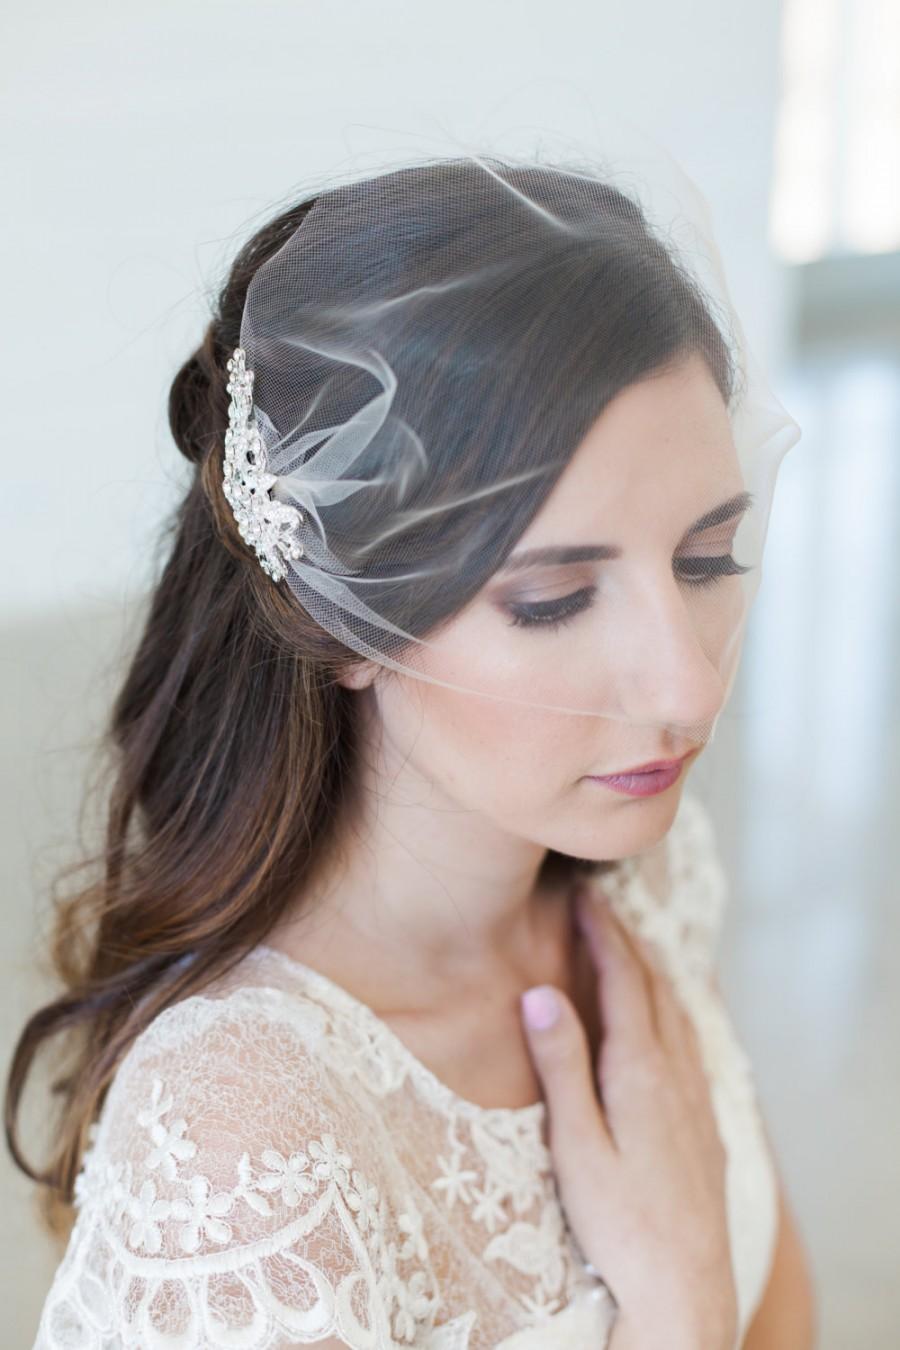 زفاف - Birdcage veil, Blusher veil, Tulle Bridal Veil and Bridal Comb, Bandeau Birdcage Veil - QUICK SHIPPER - Wedding Veil with Crystal Comb